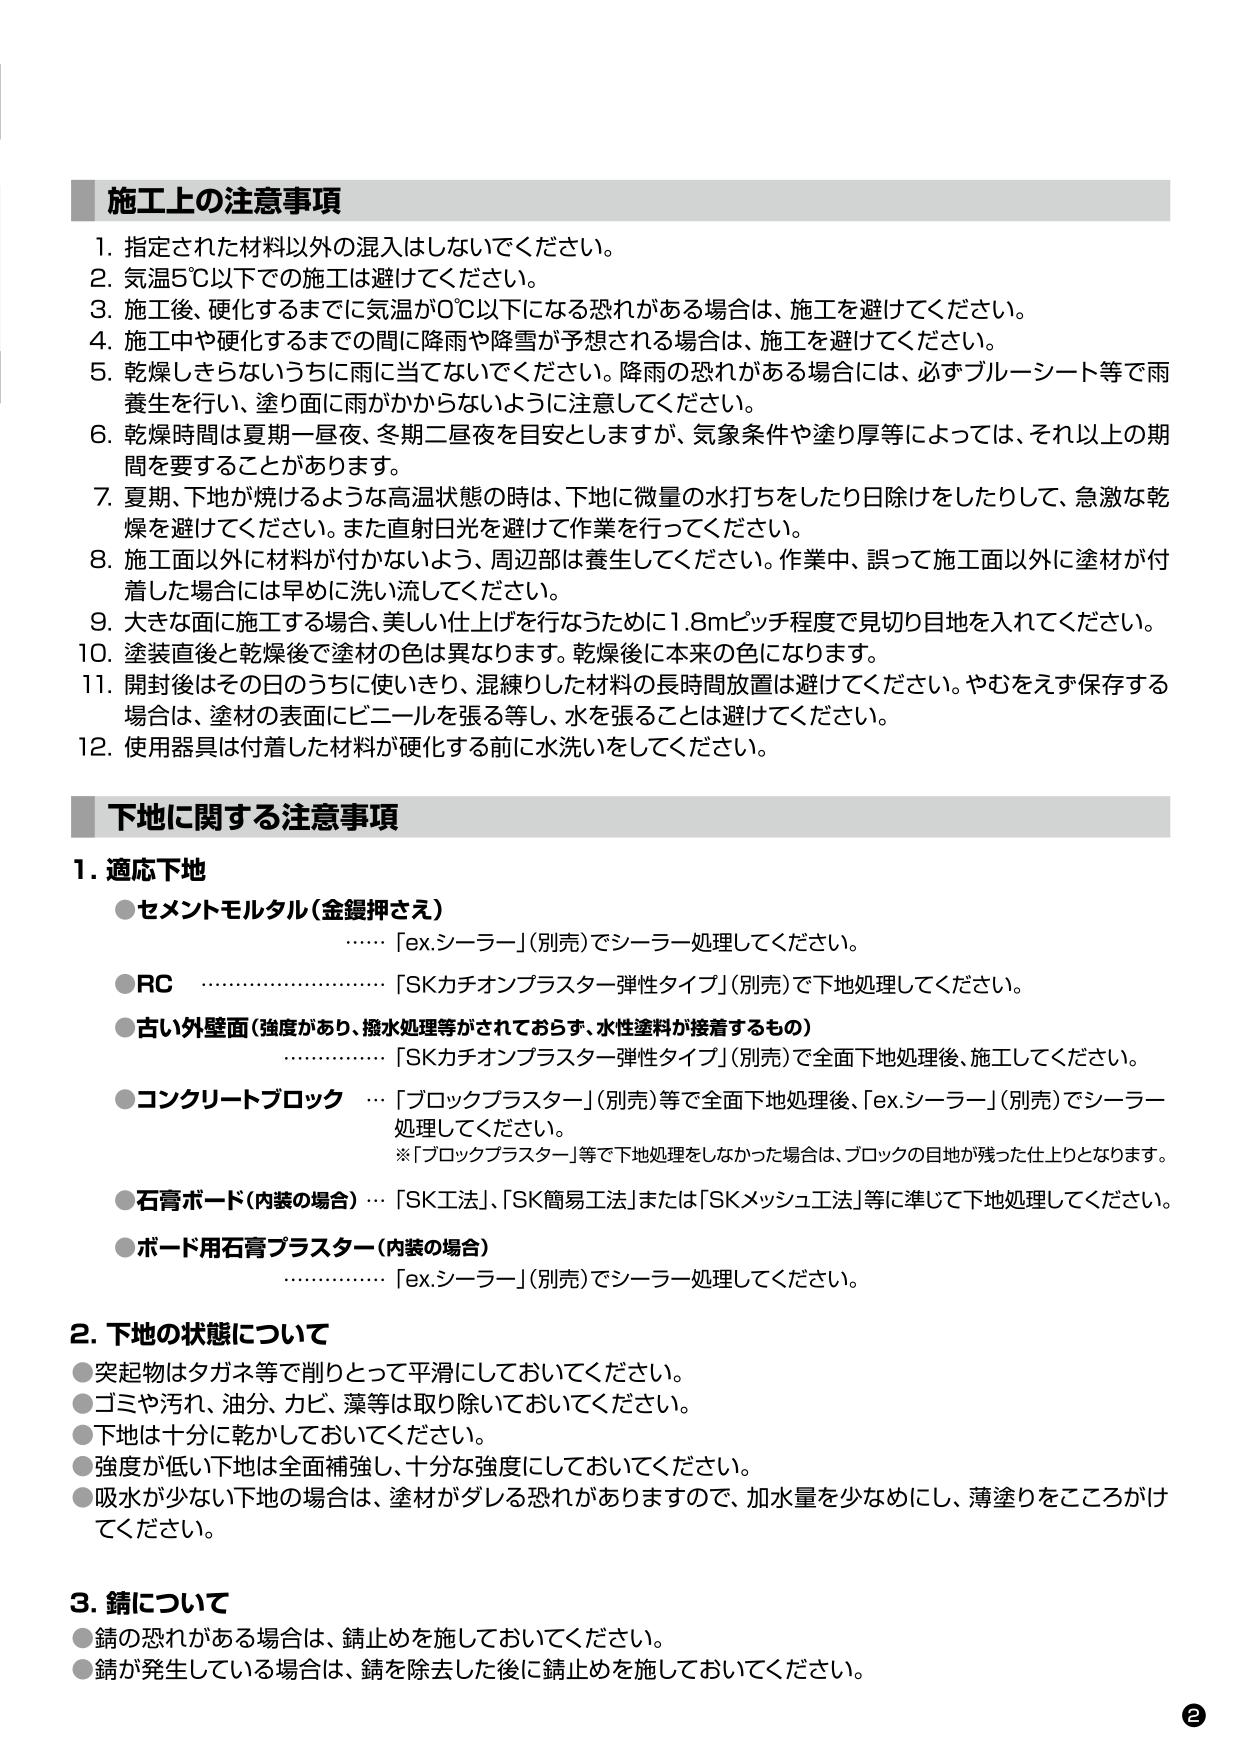 パレットCXローラー塗りタイプ 施工要領書_page-0002